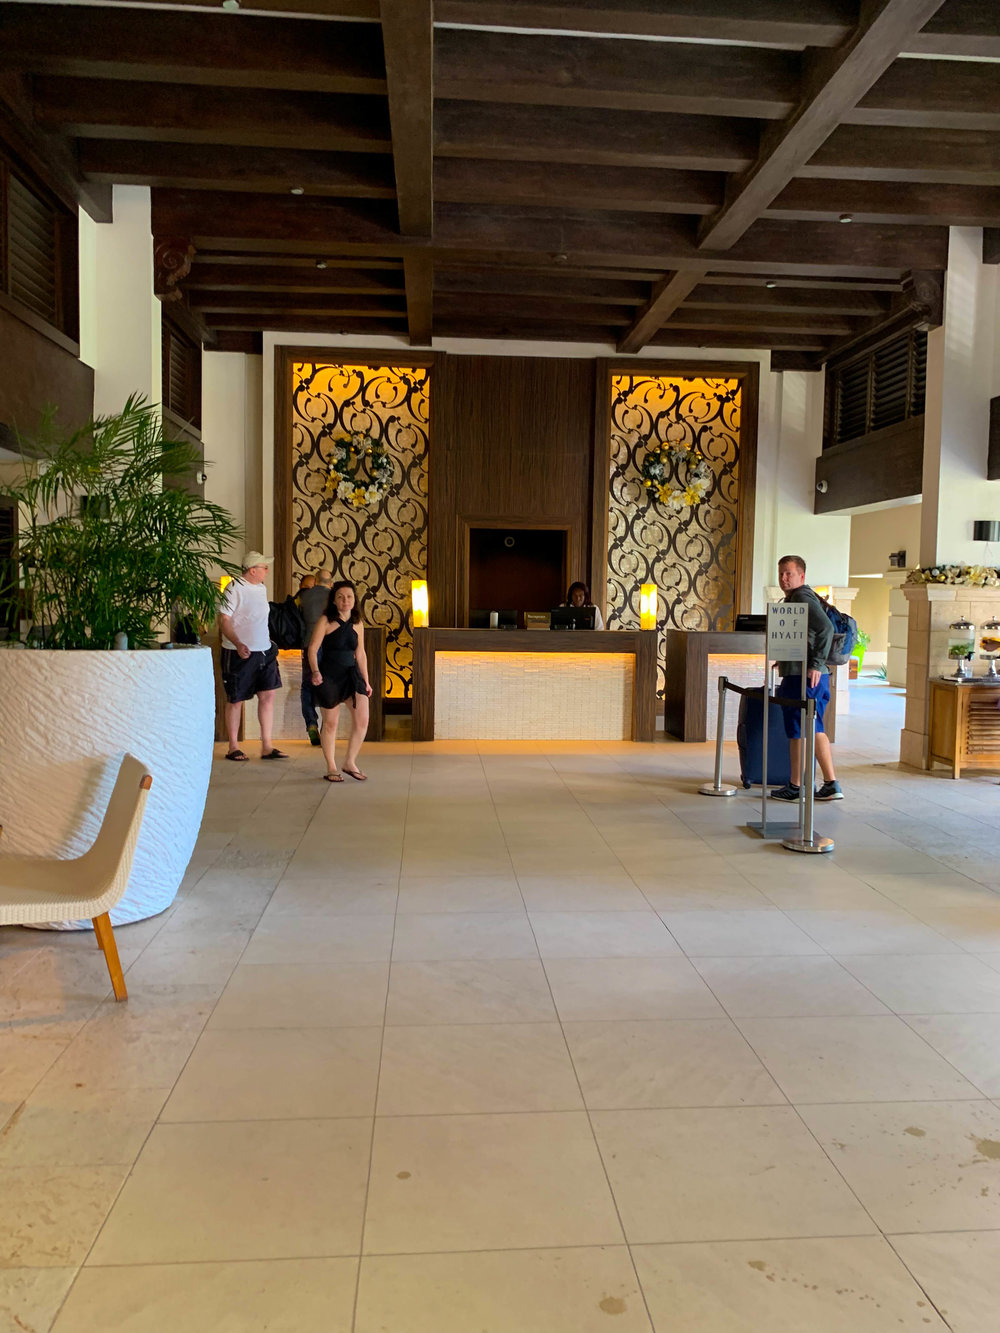 Aruba_Hyatt_Regency_lobby.jpg